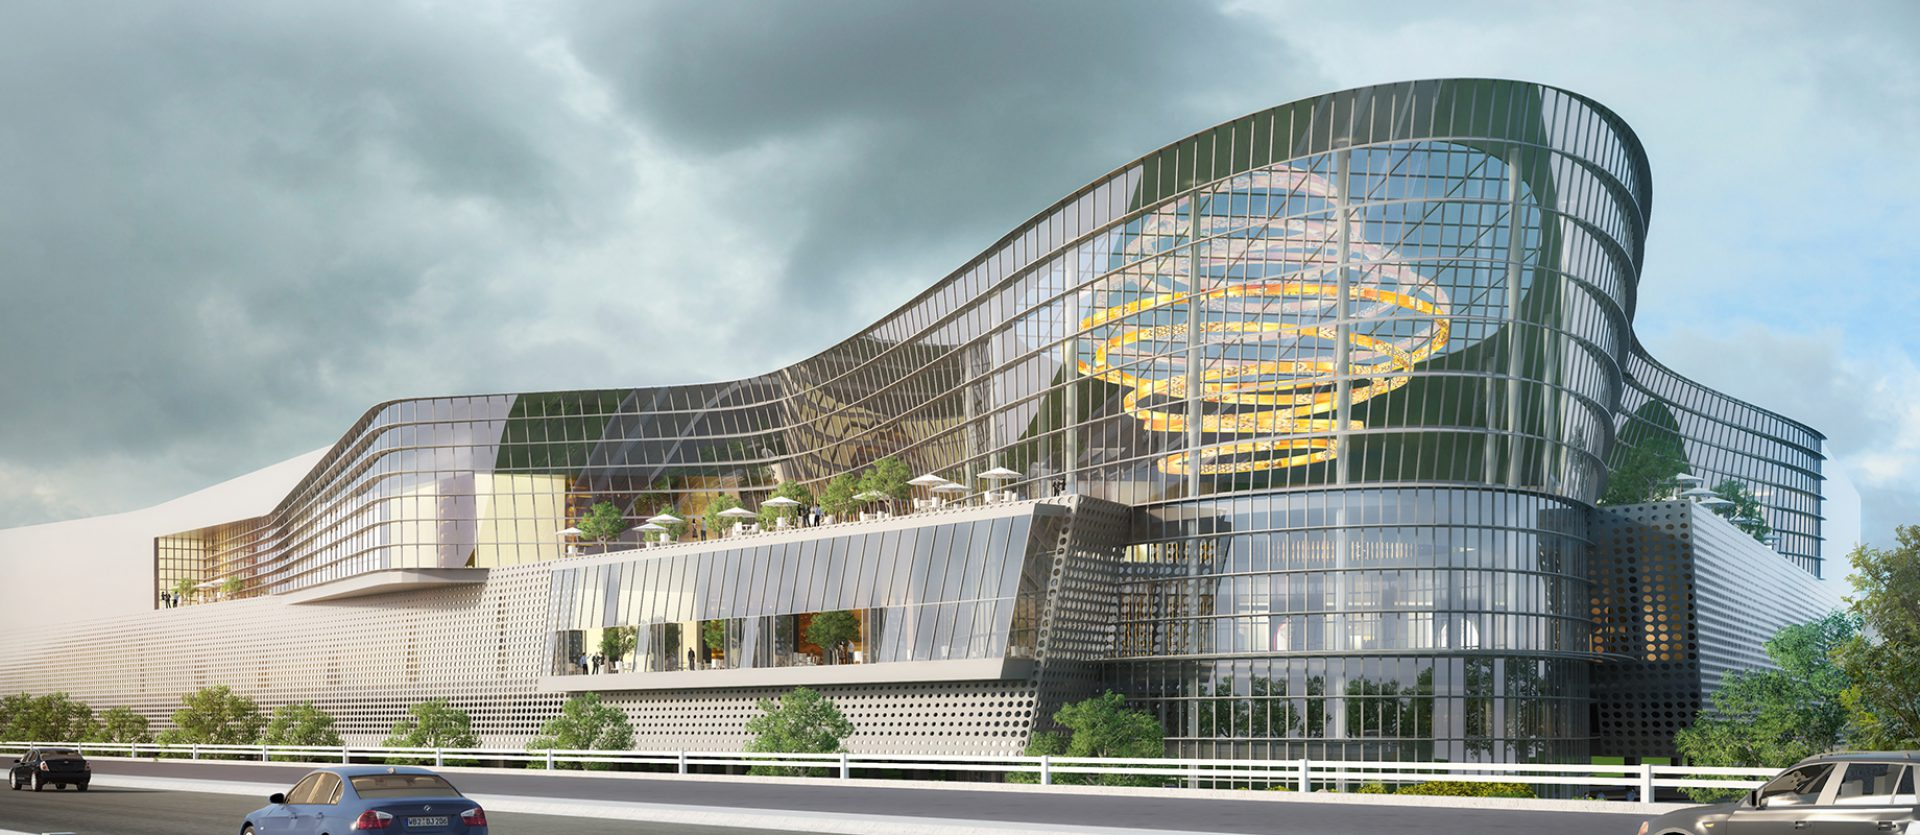 Apre nuovo centro commerciale a EXPO